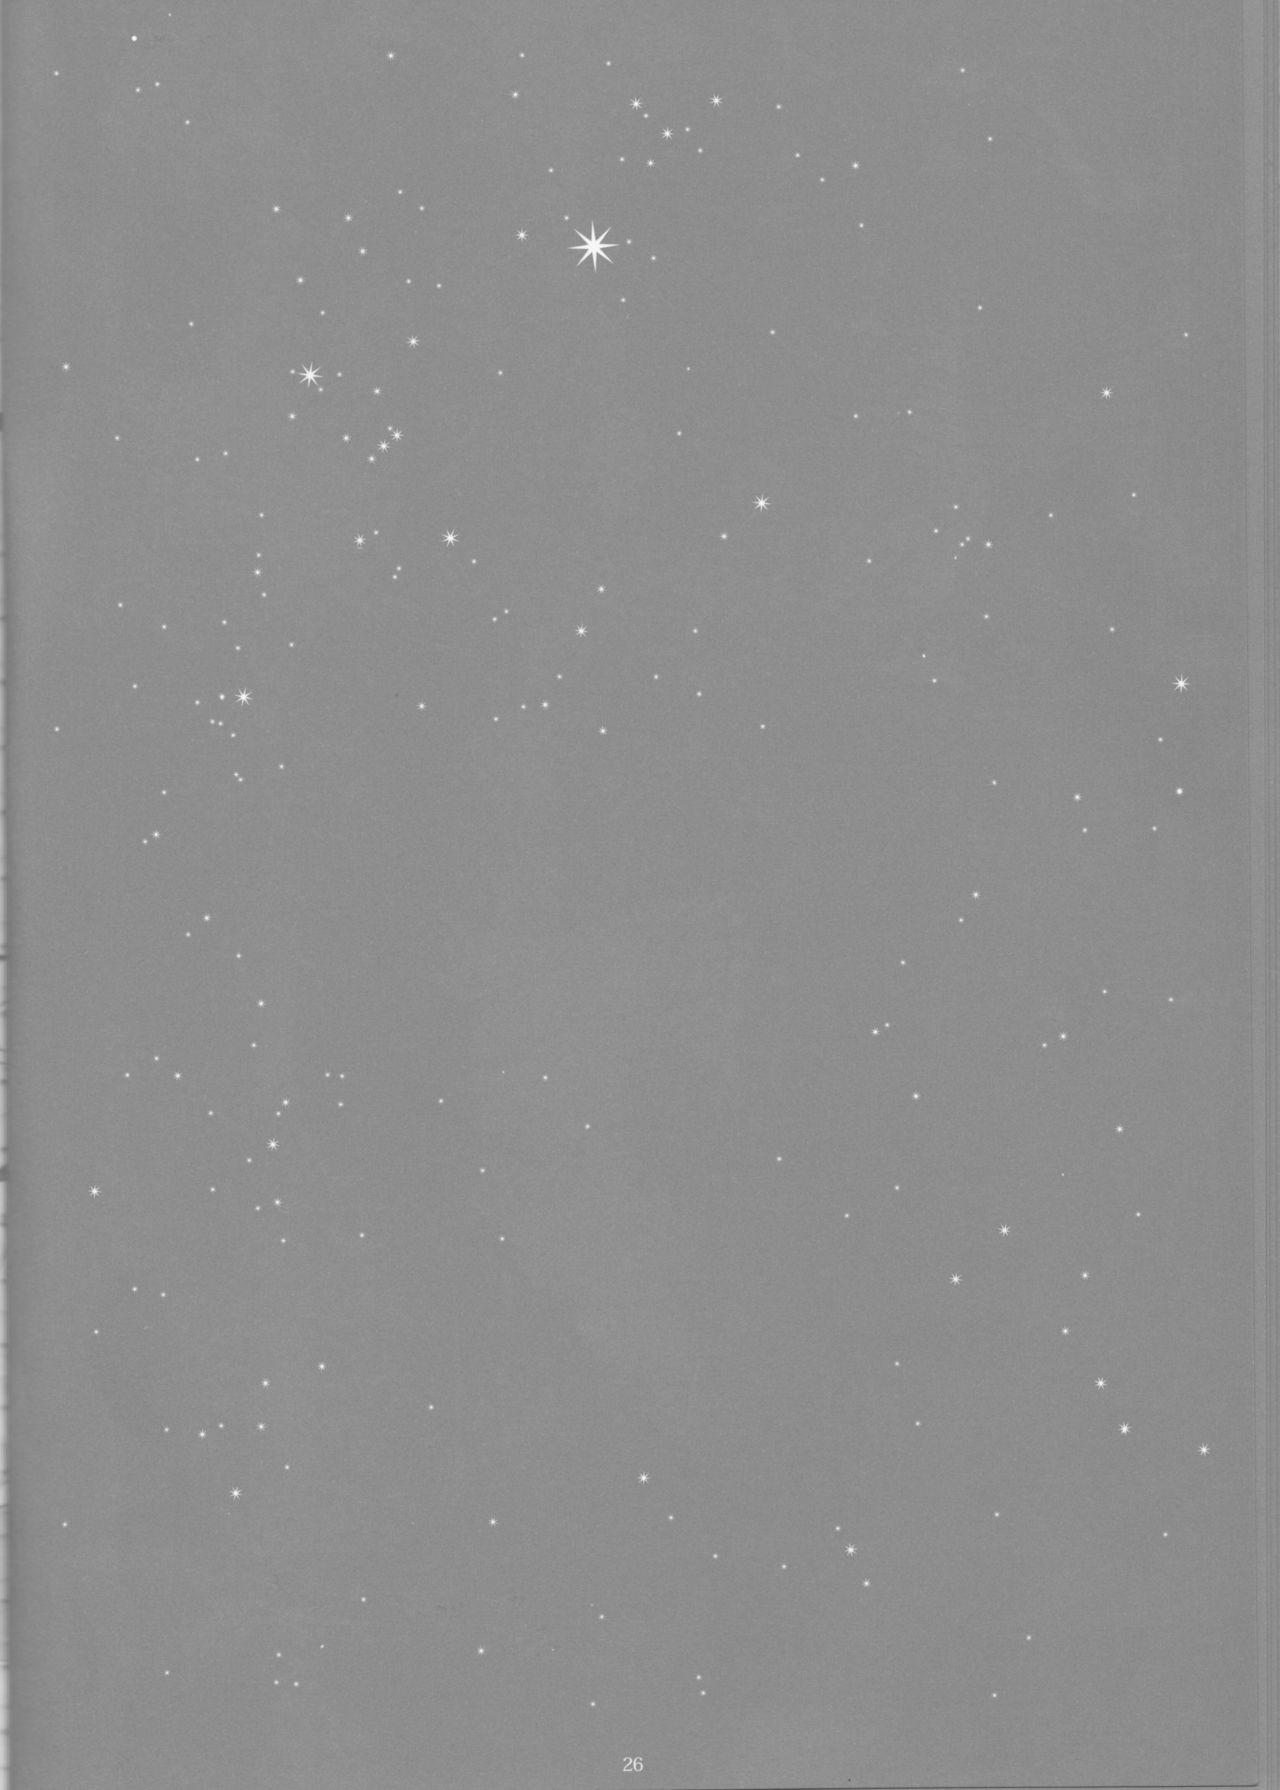 Toge hikari no navu~igātoria book 2(blue exorcist] 23